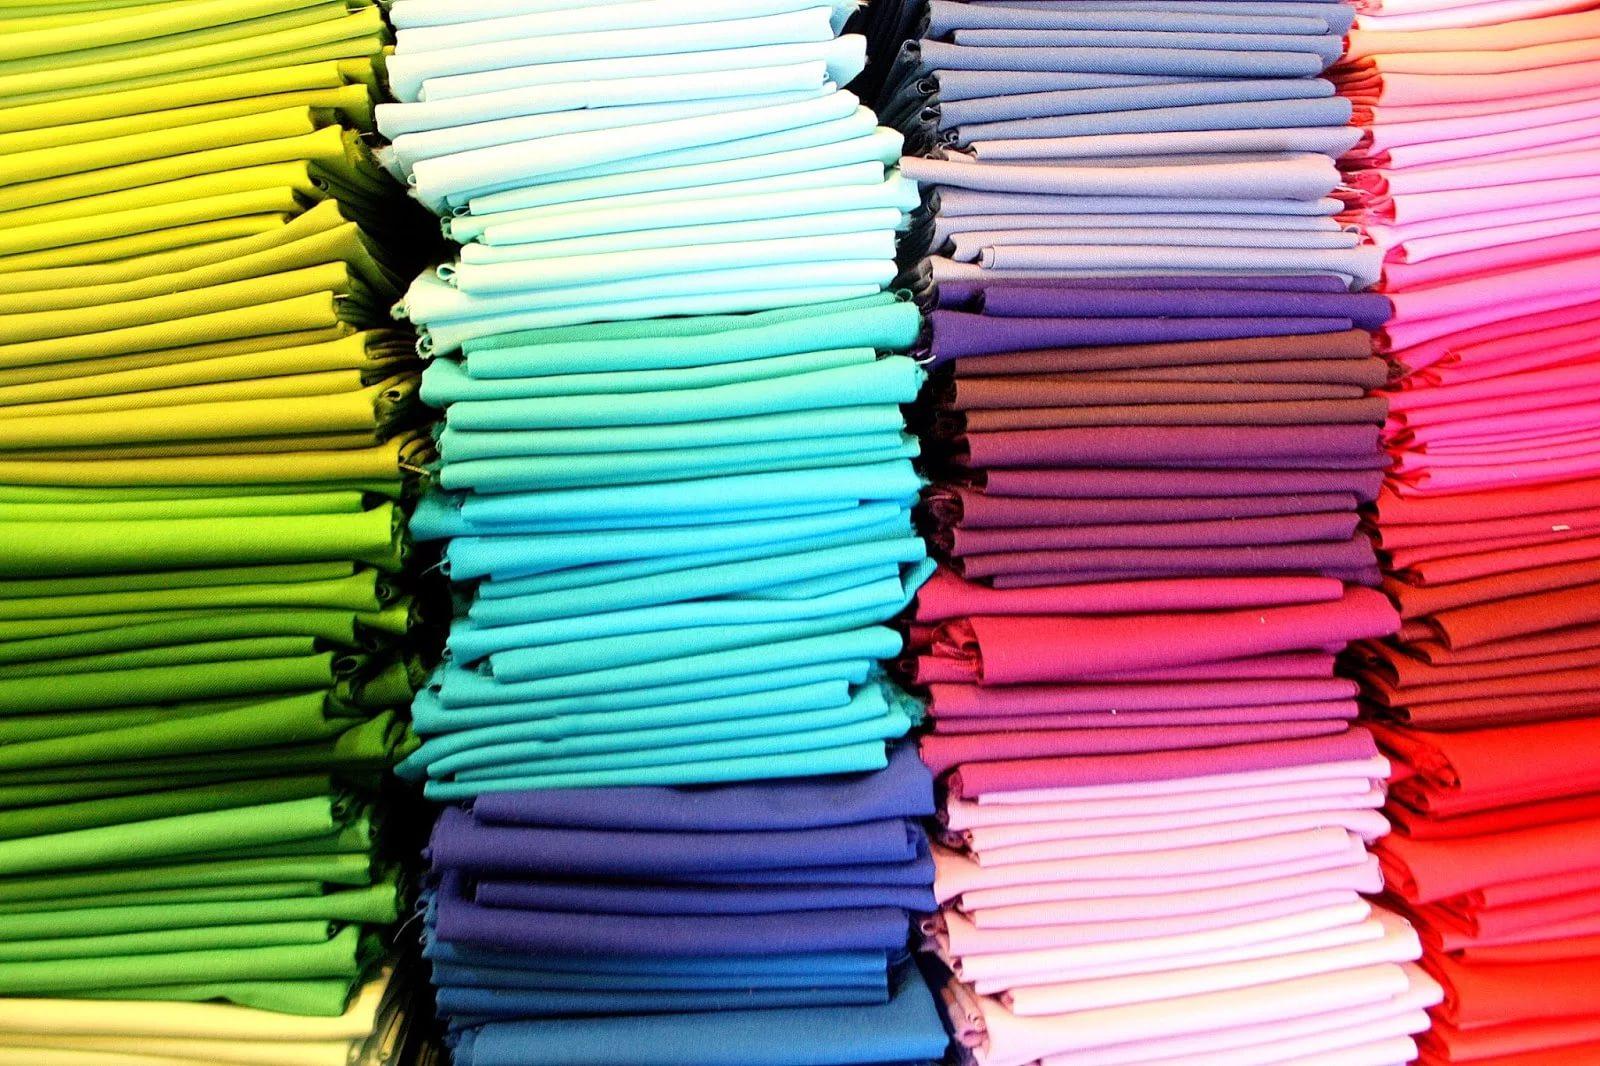 Польза и вред синтетической одежды – чем может навредить белье из синтетики?